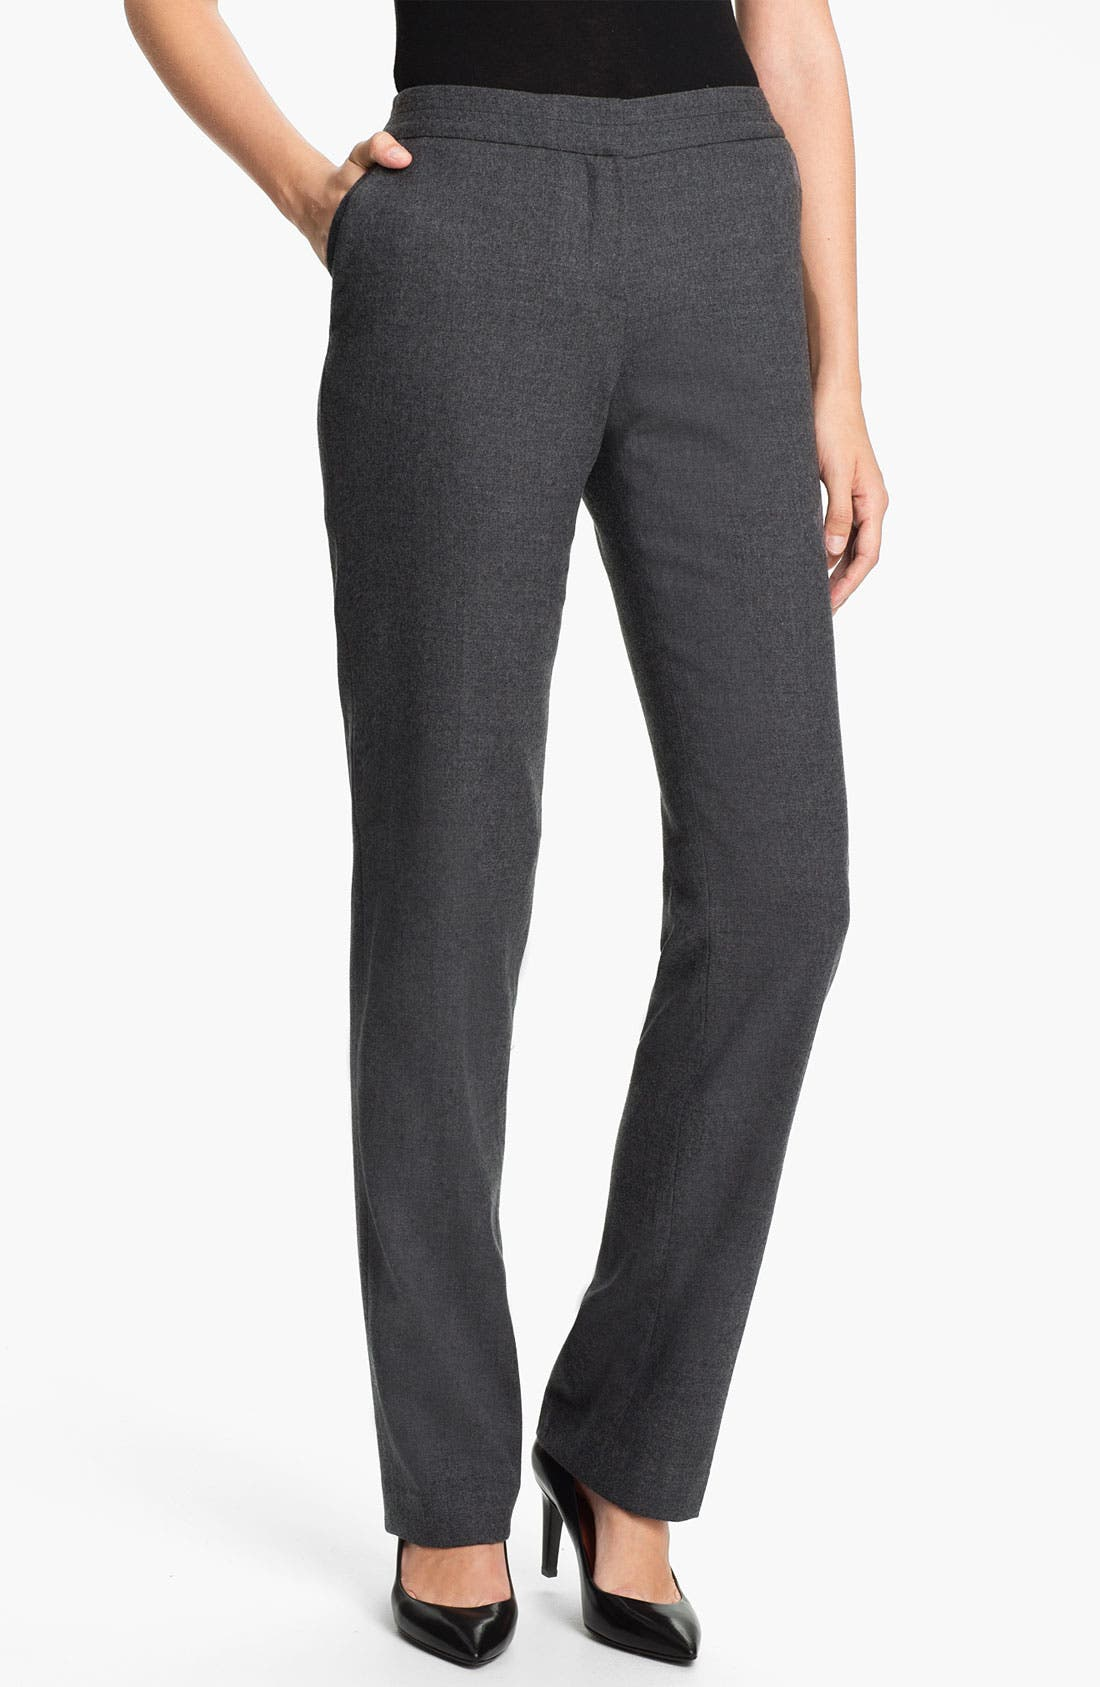 Alternate Image 1 Selected - Ted Baker London 'Neyoat' Straight Leg Trousers